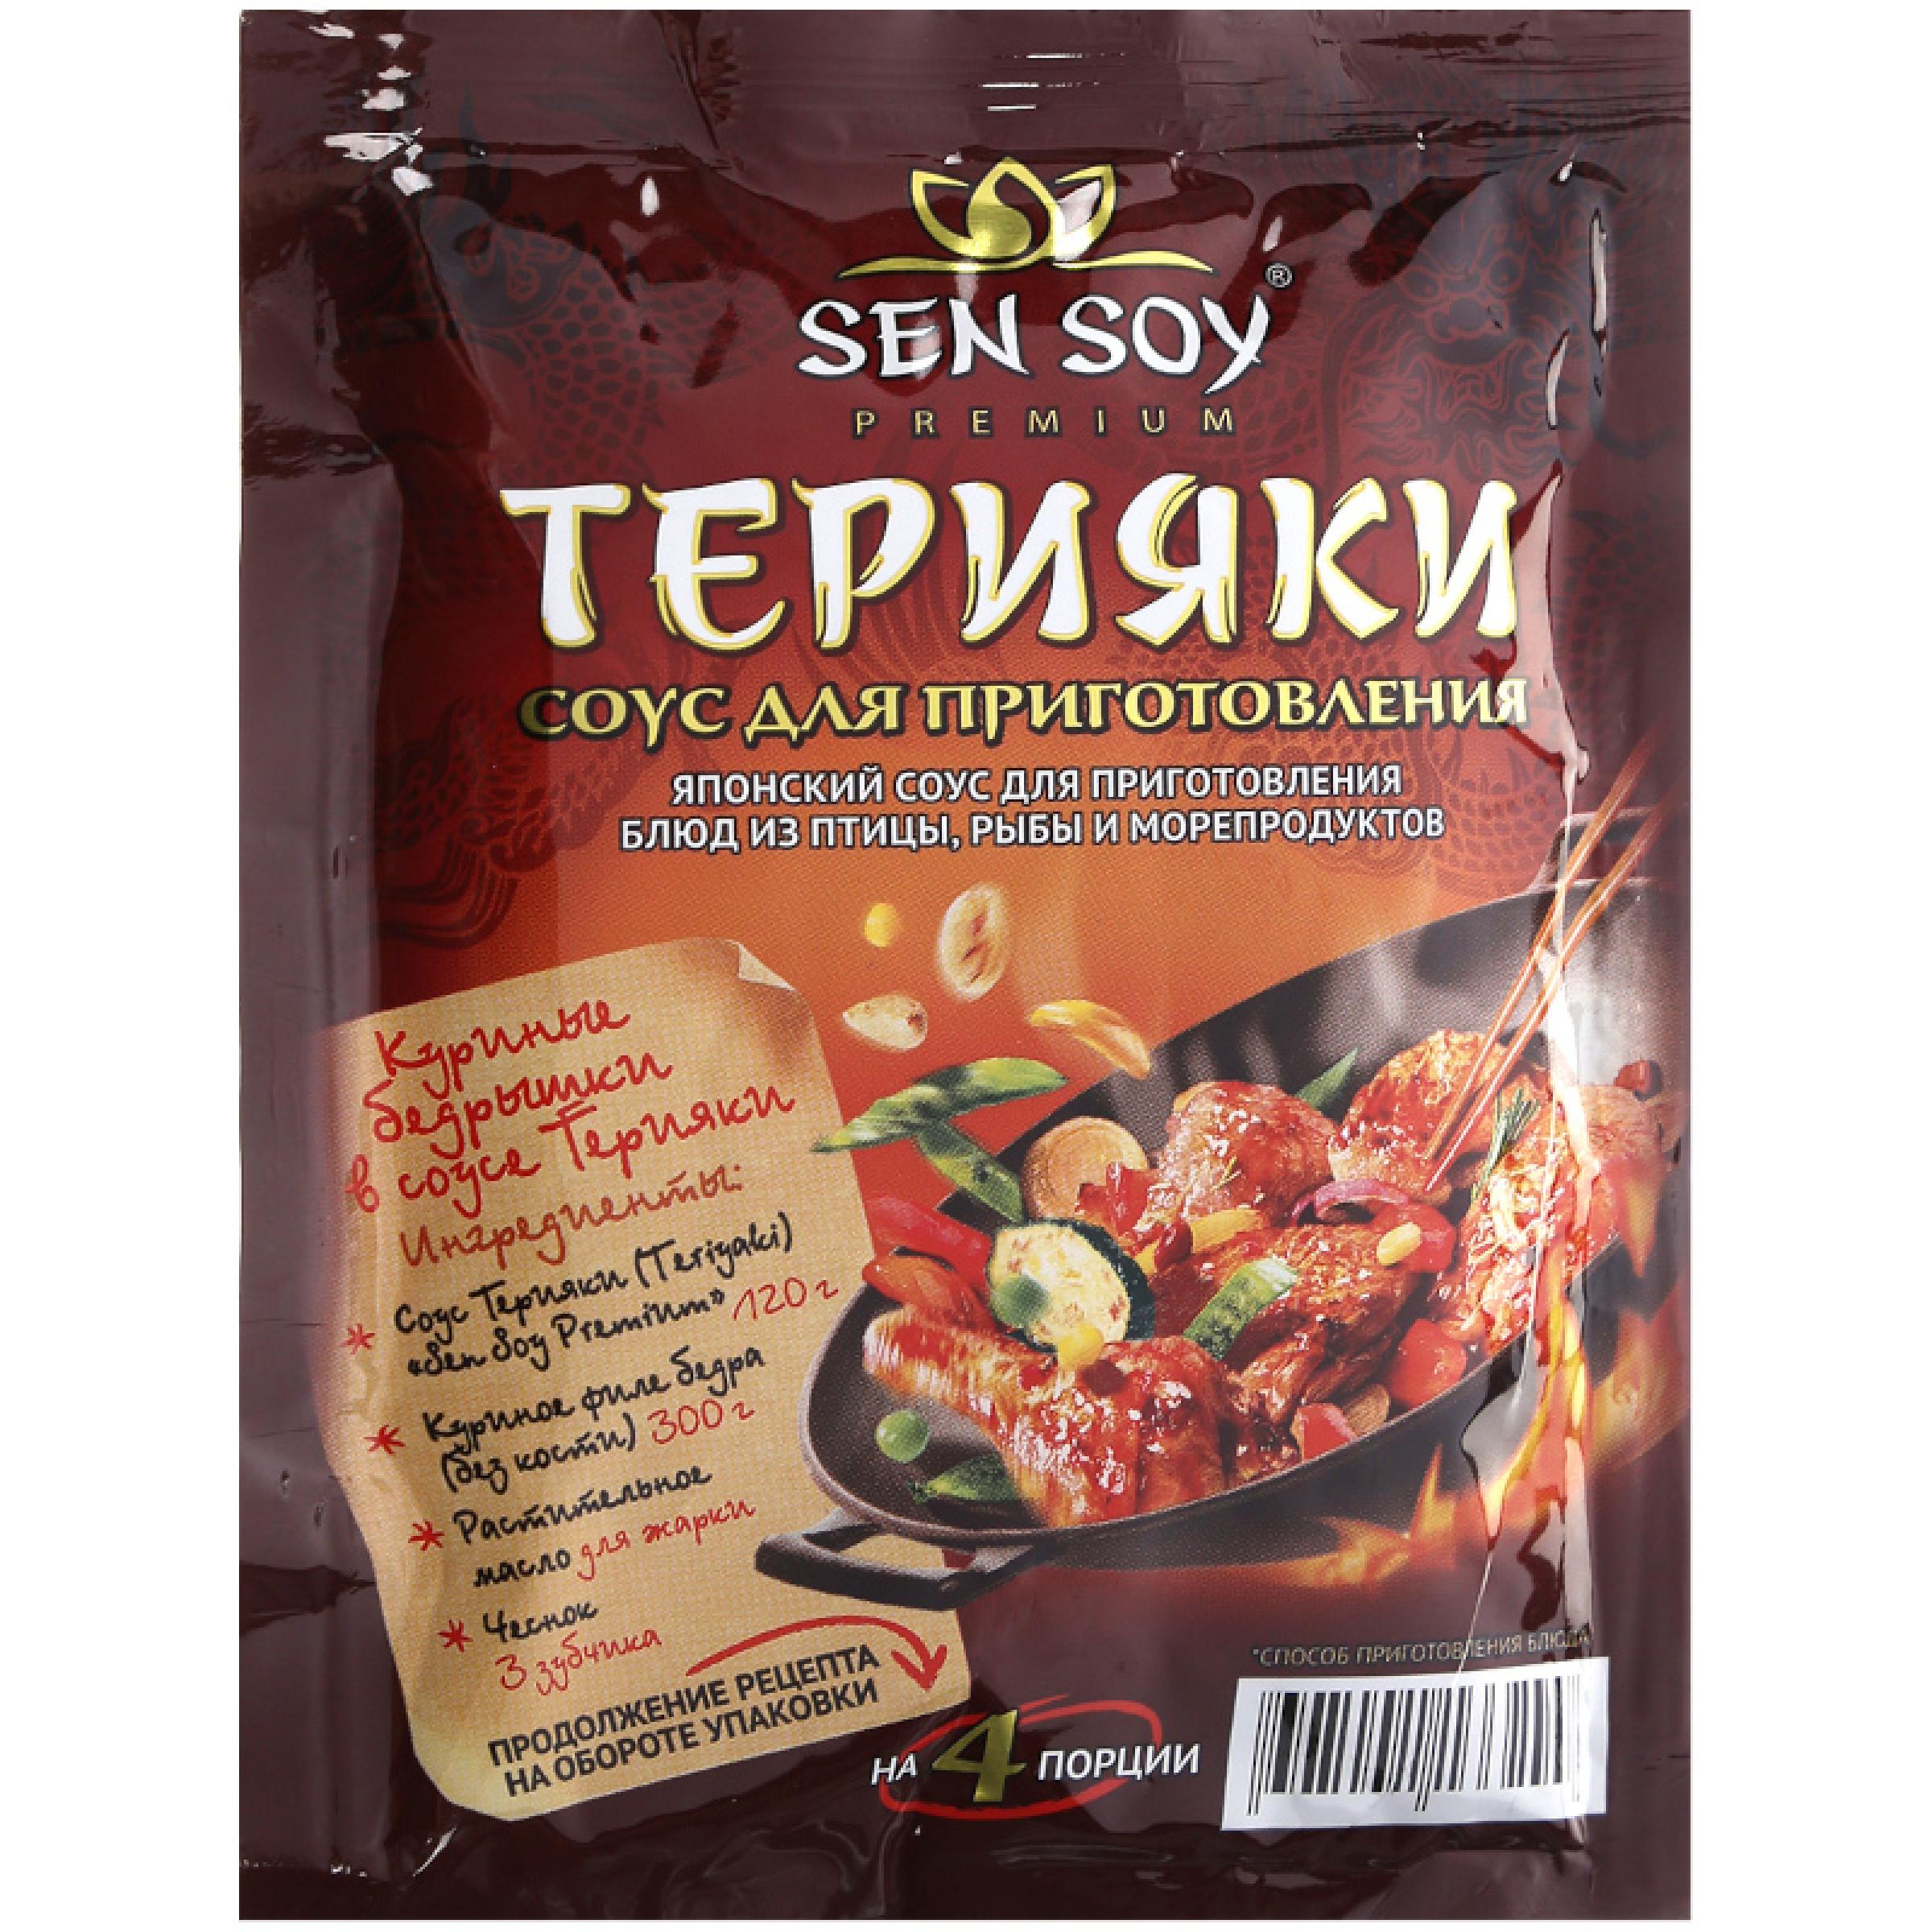 """Соус для приготовления Терияки """"Sen Soy"""", 120 г"""